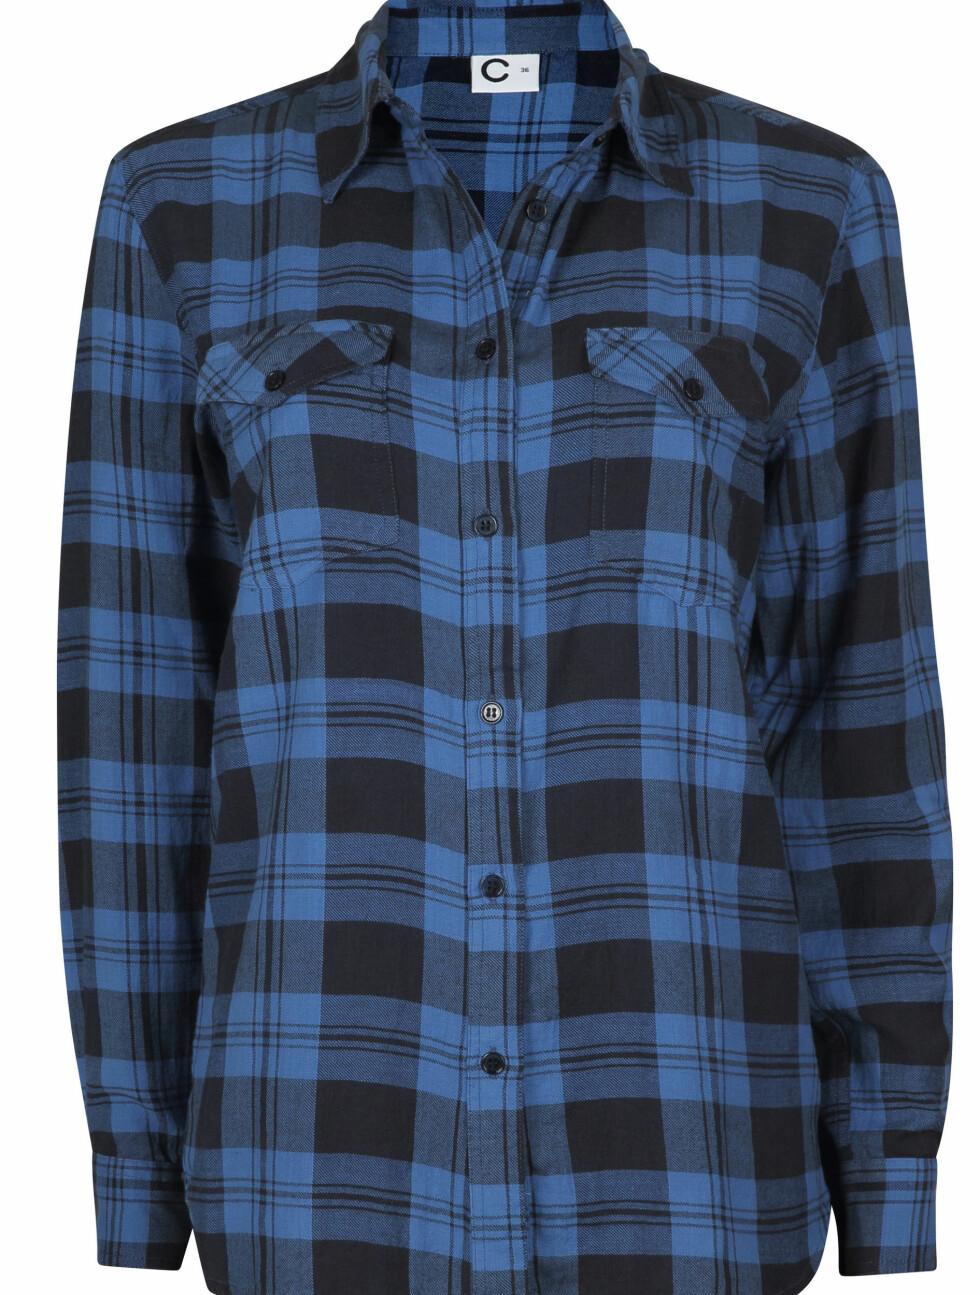 Skjorte (kr 250, Cubus). Foto: Produsenten